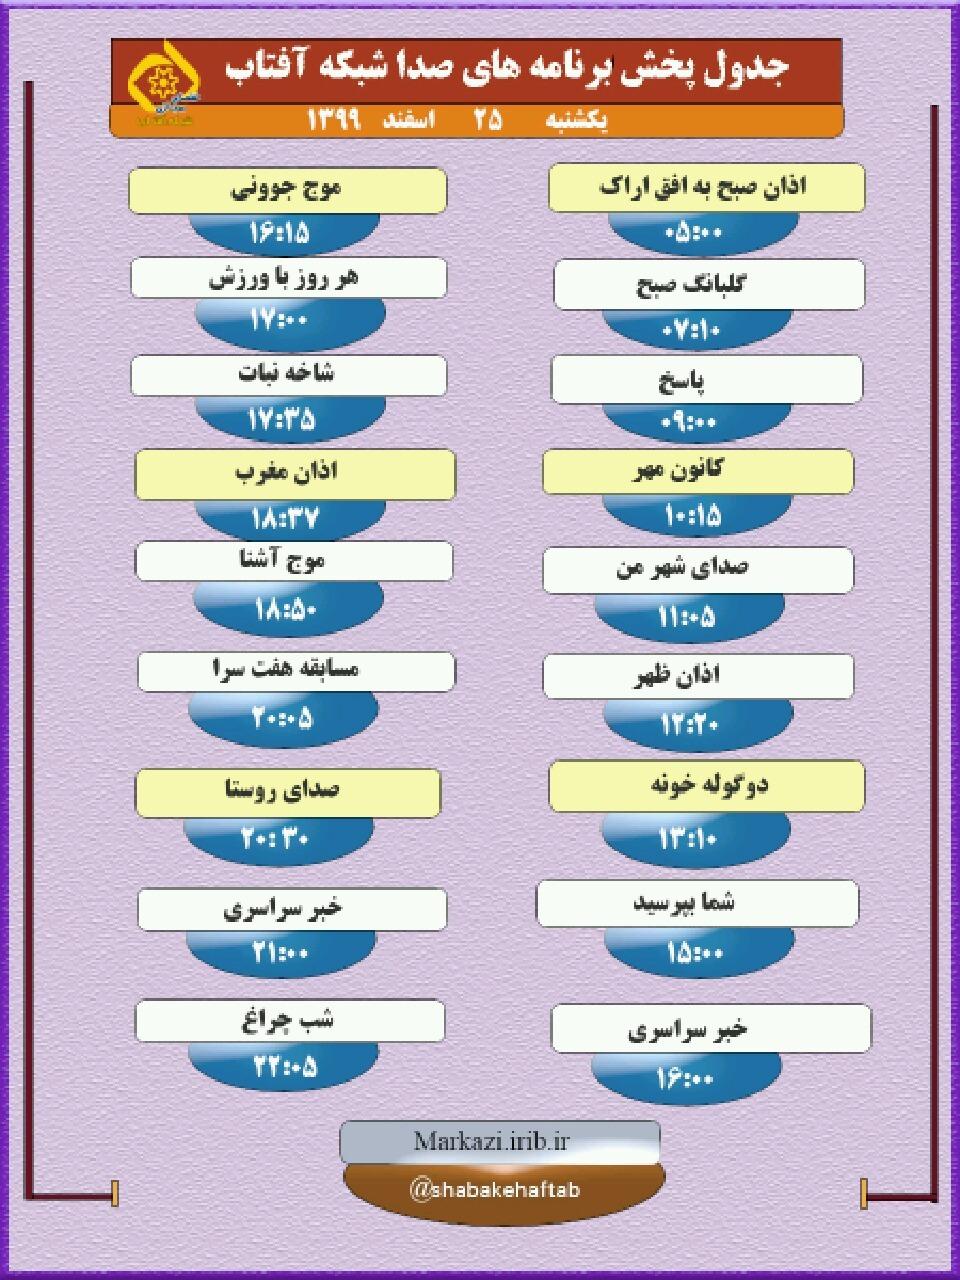 برنامههای صدای شبکه آفتاب در بیست و پنجم اسفند ماه ۹۹